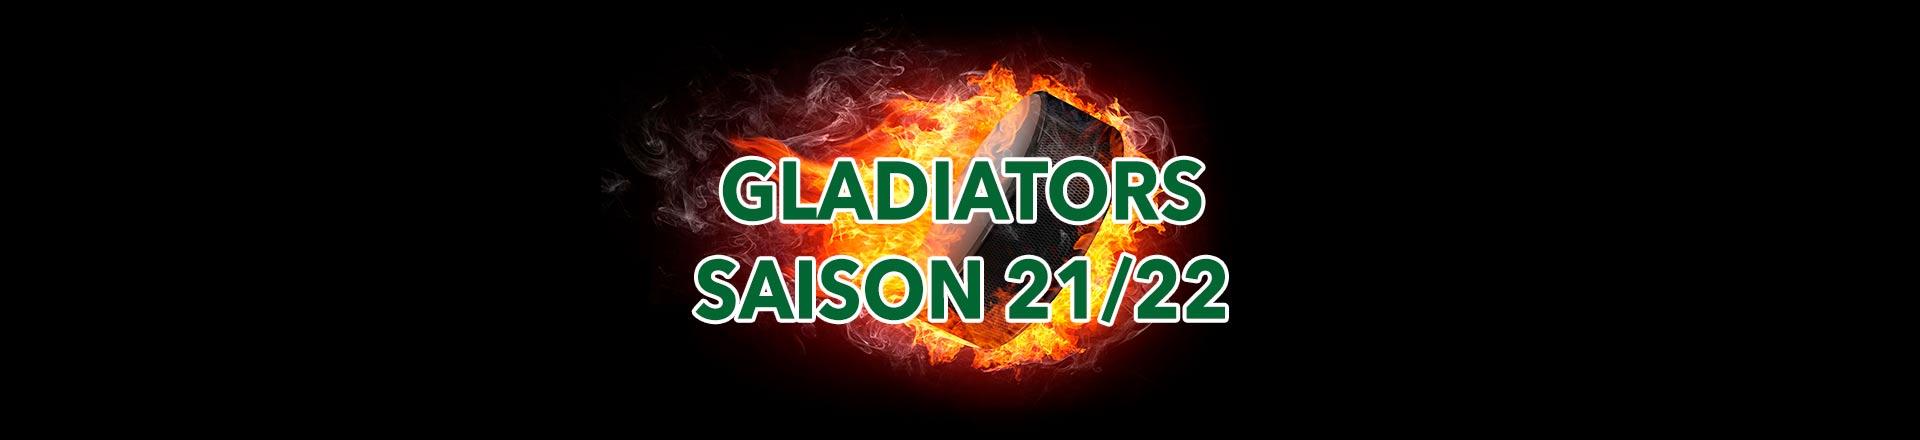 Gladiators Season 21/22